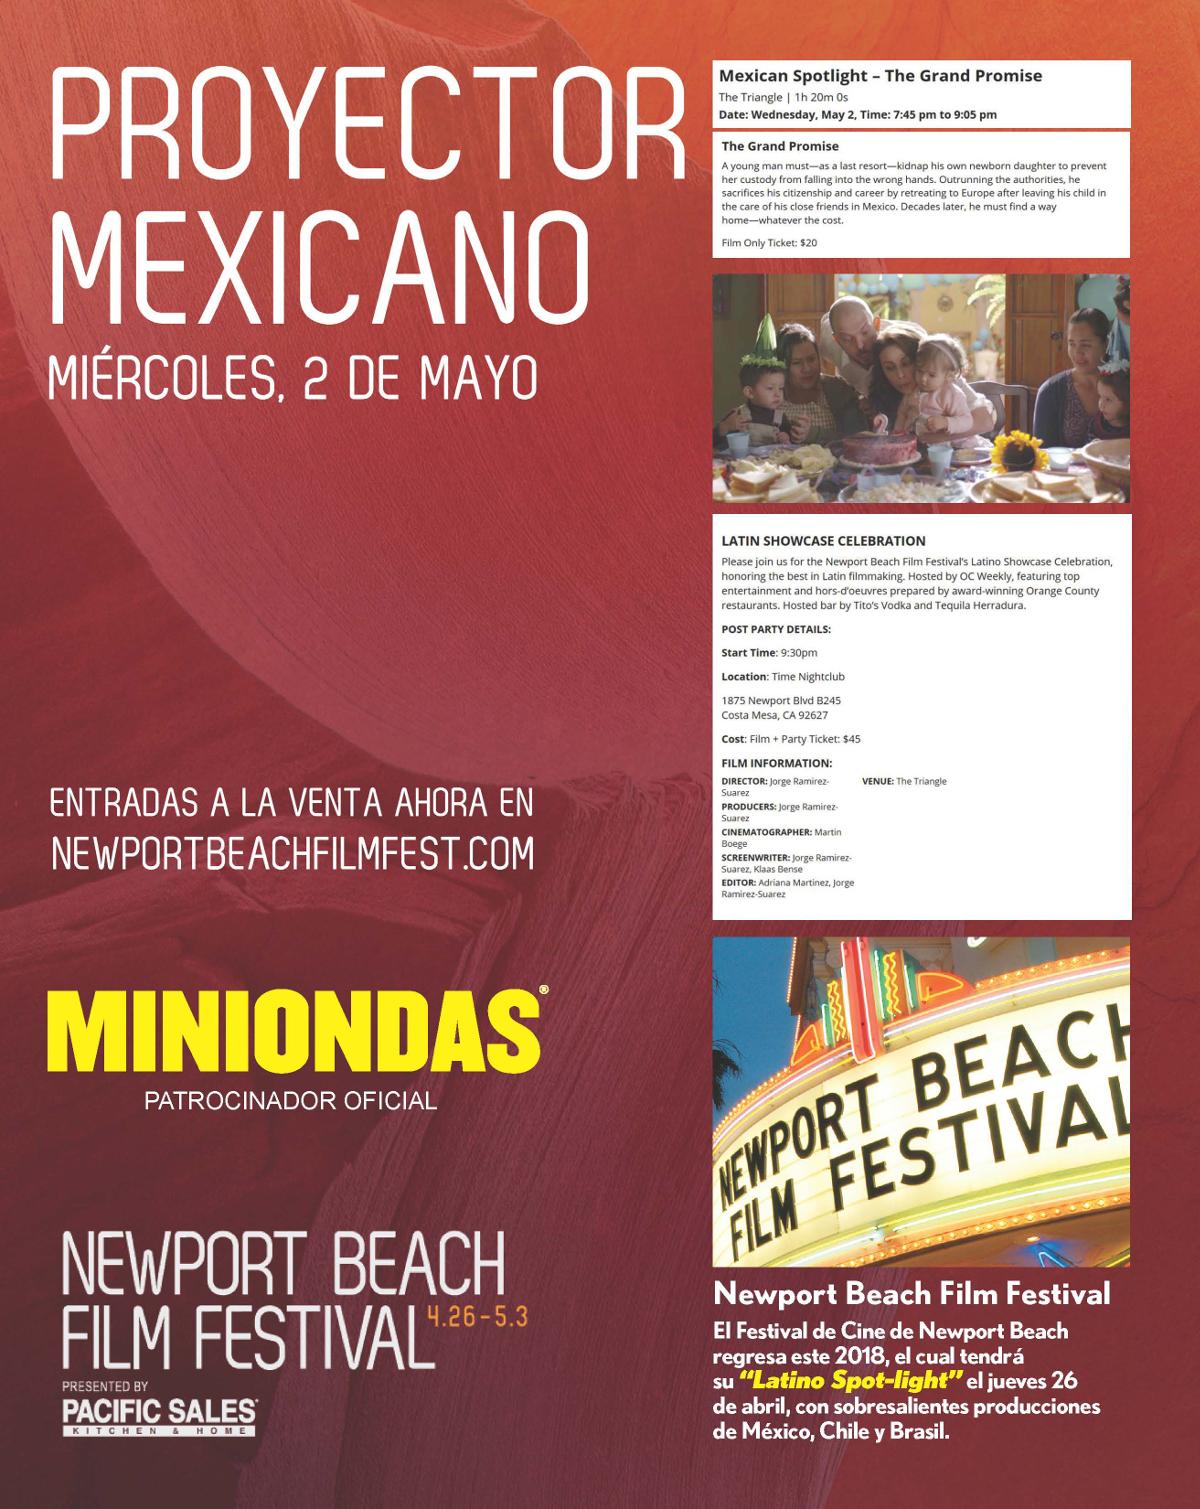 El 2 de Mayo se proyectará la Película de México La Gran Promesa en el 19º Festival de Cine de Newport Beach